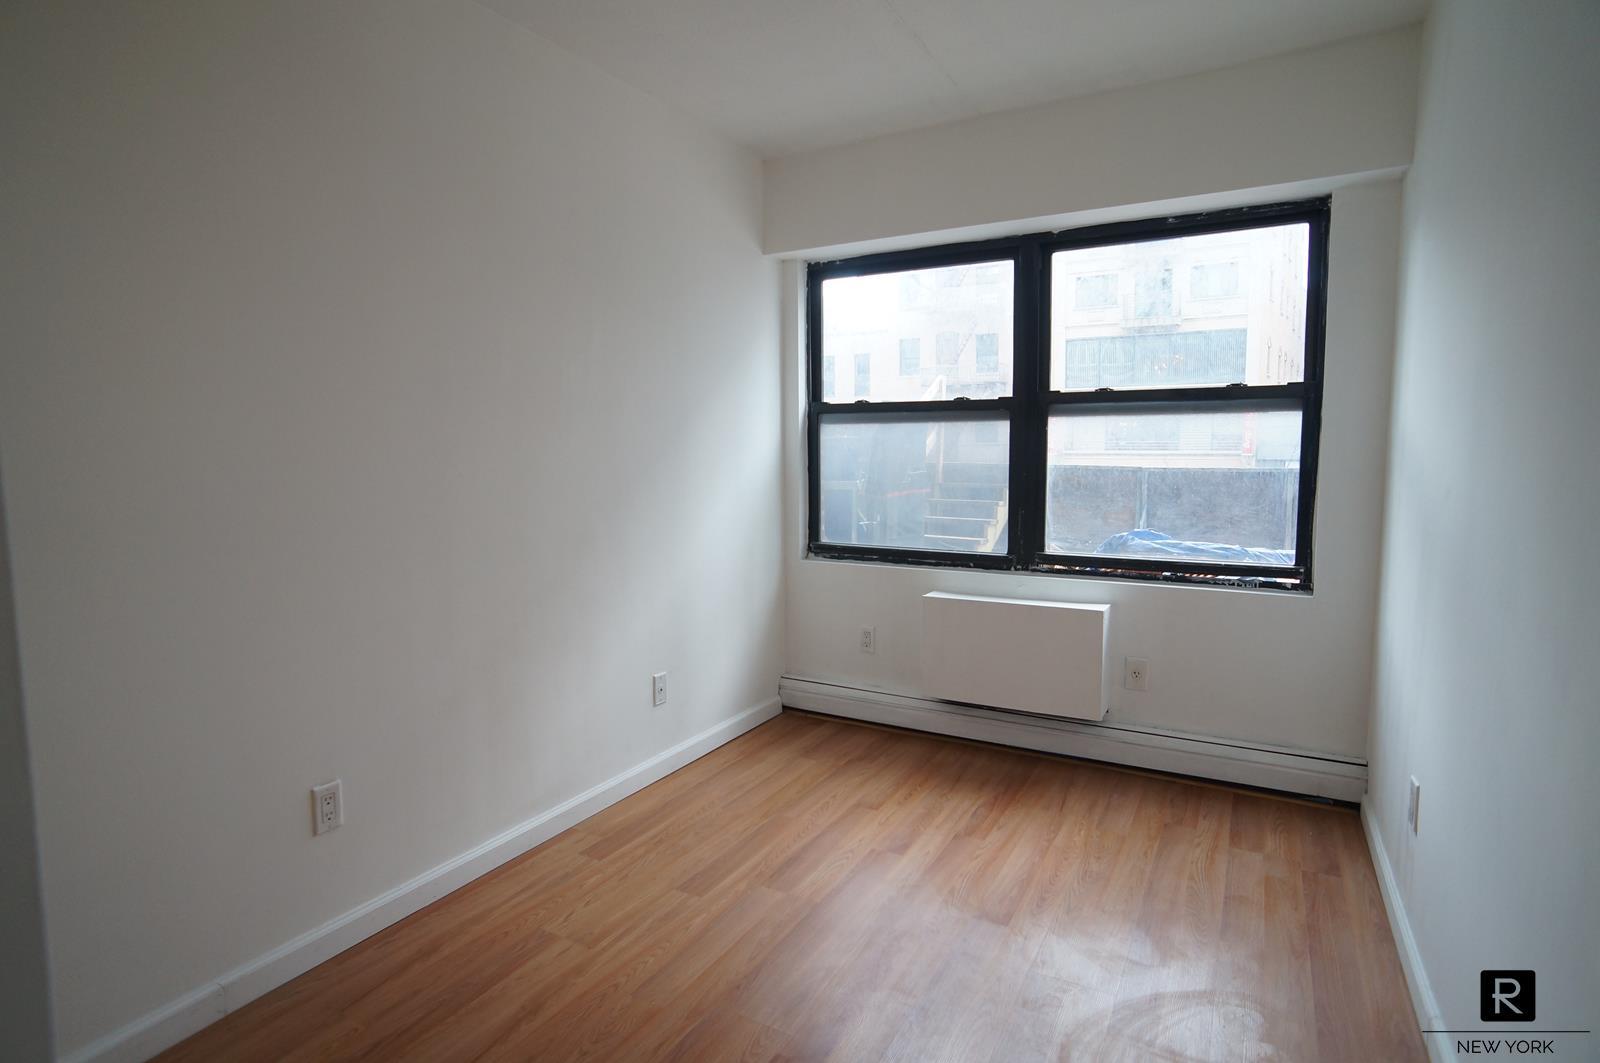 200 Bowery Soho New York NY 10012